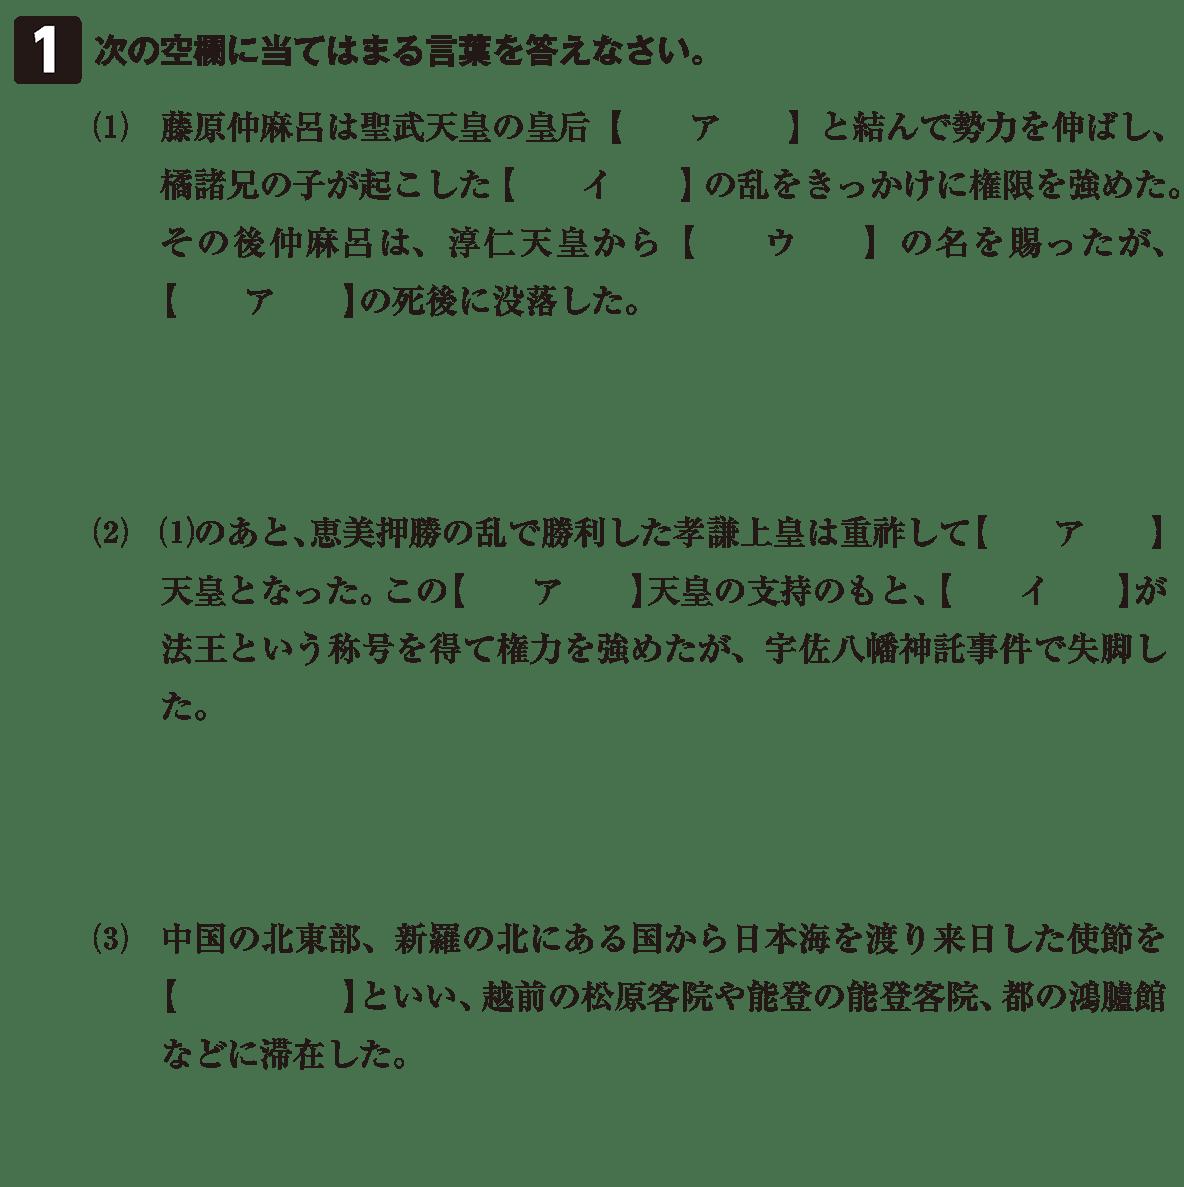 奈良時代6 問題1 問題